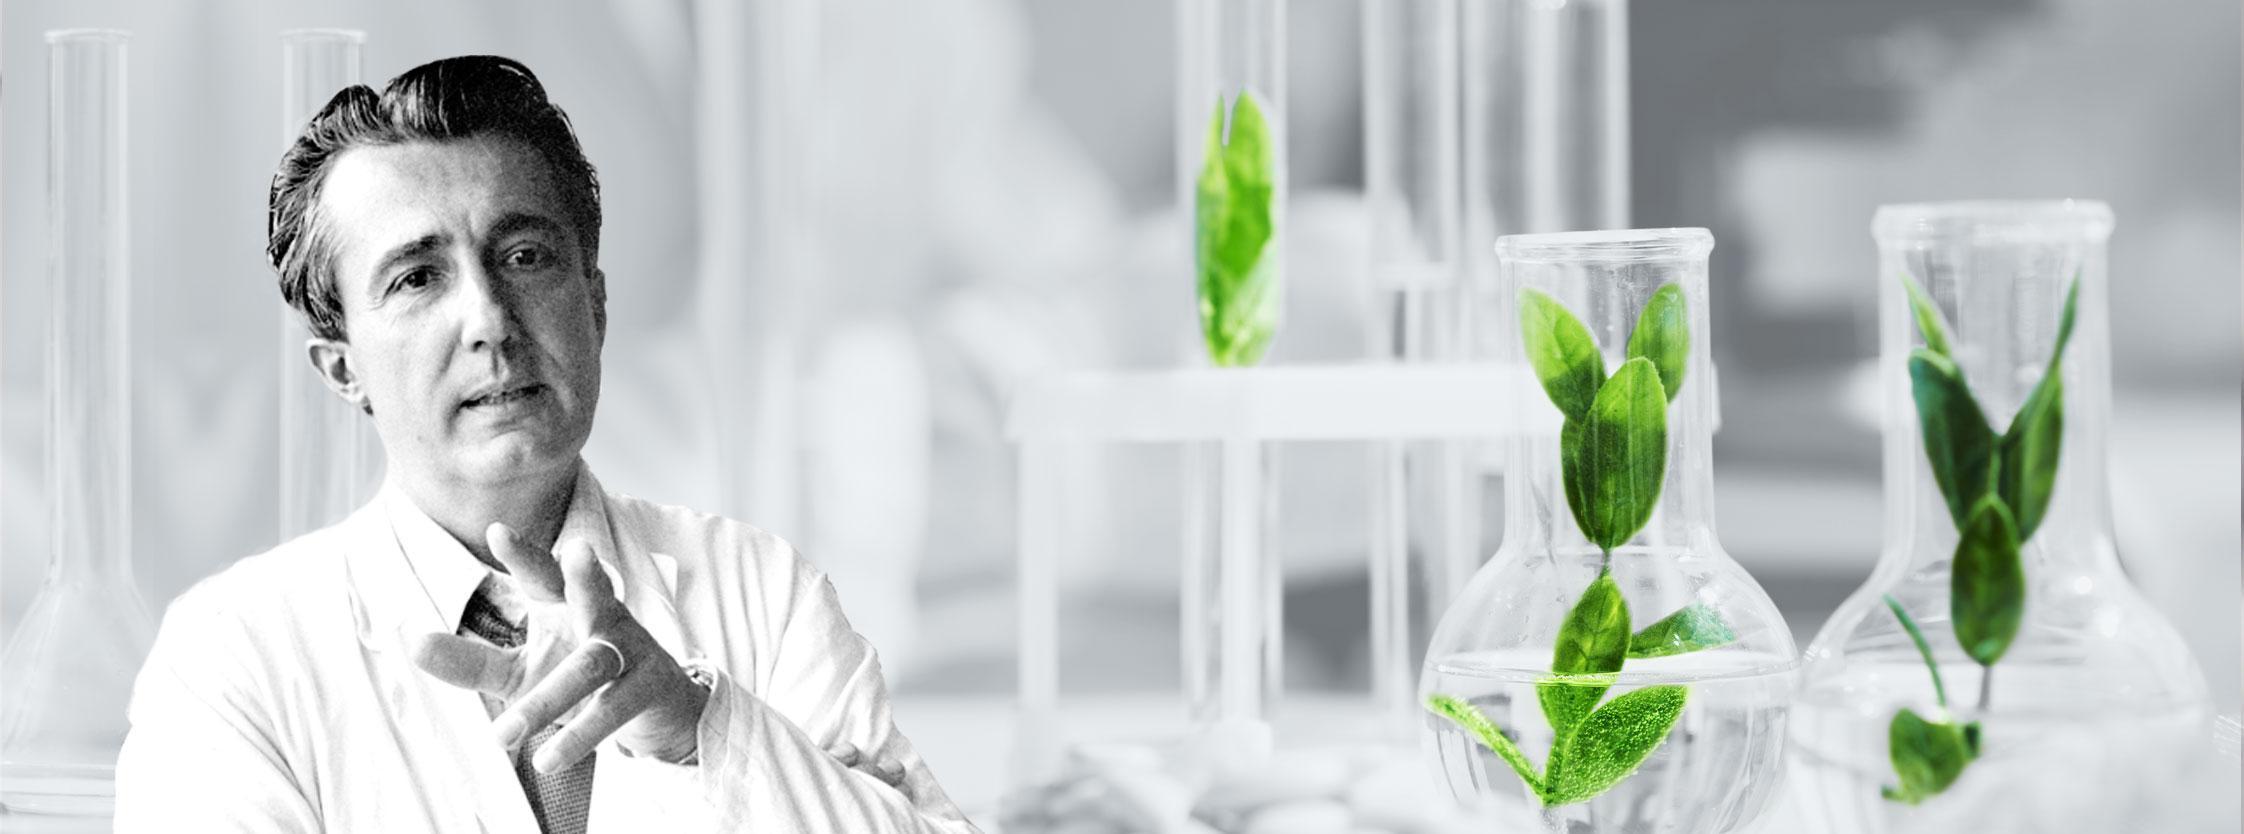 Les extraits naturels de Beljanski sont-ils vraiment efficaces pour combattre le cancer?